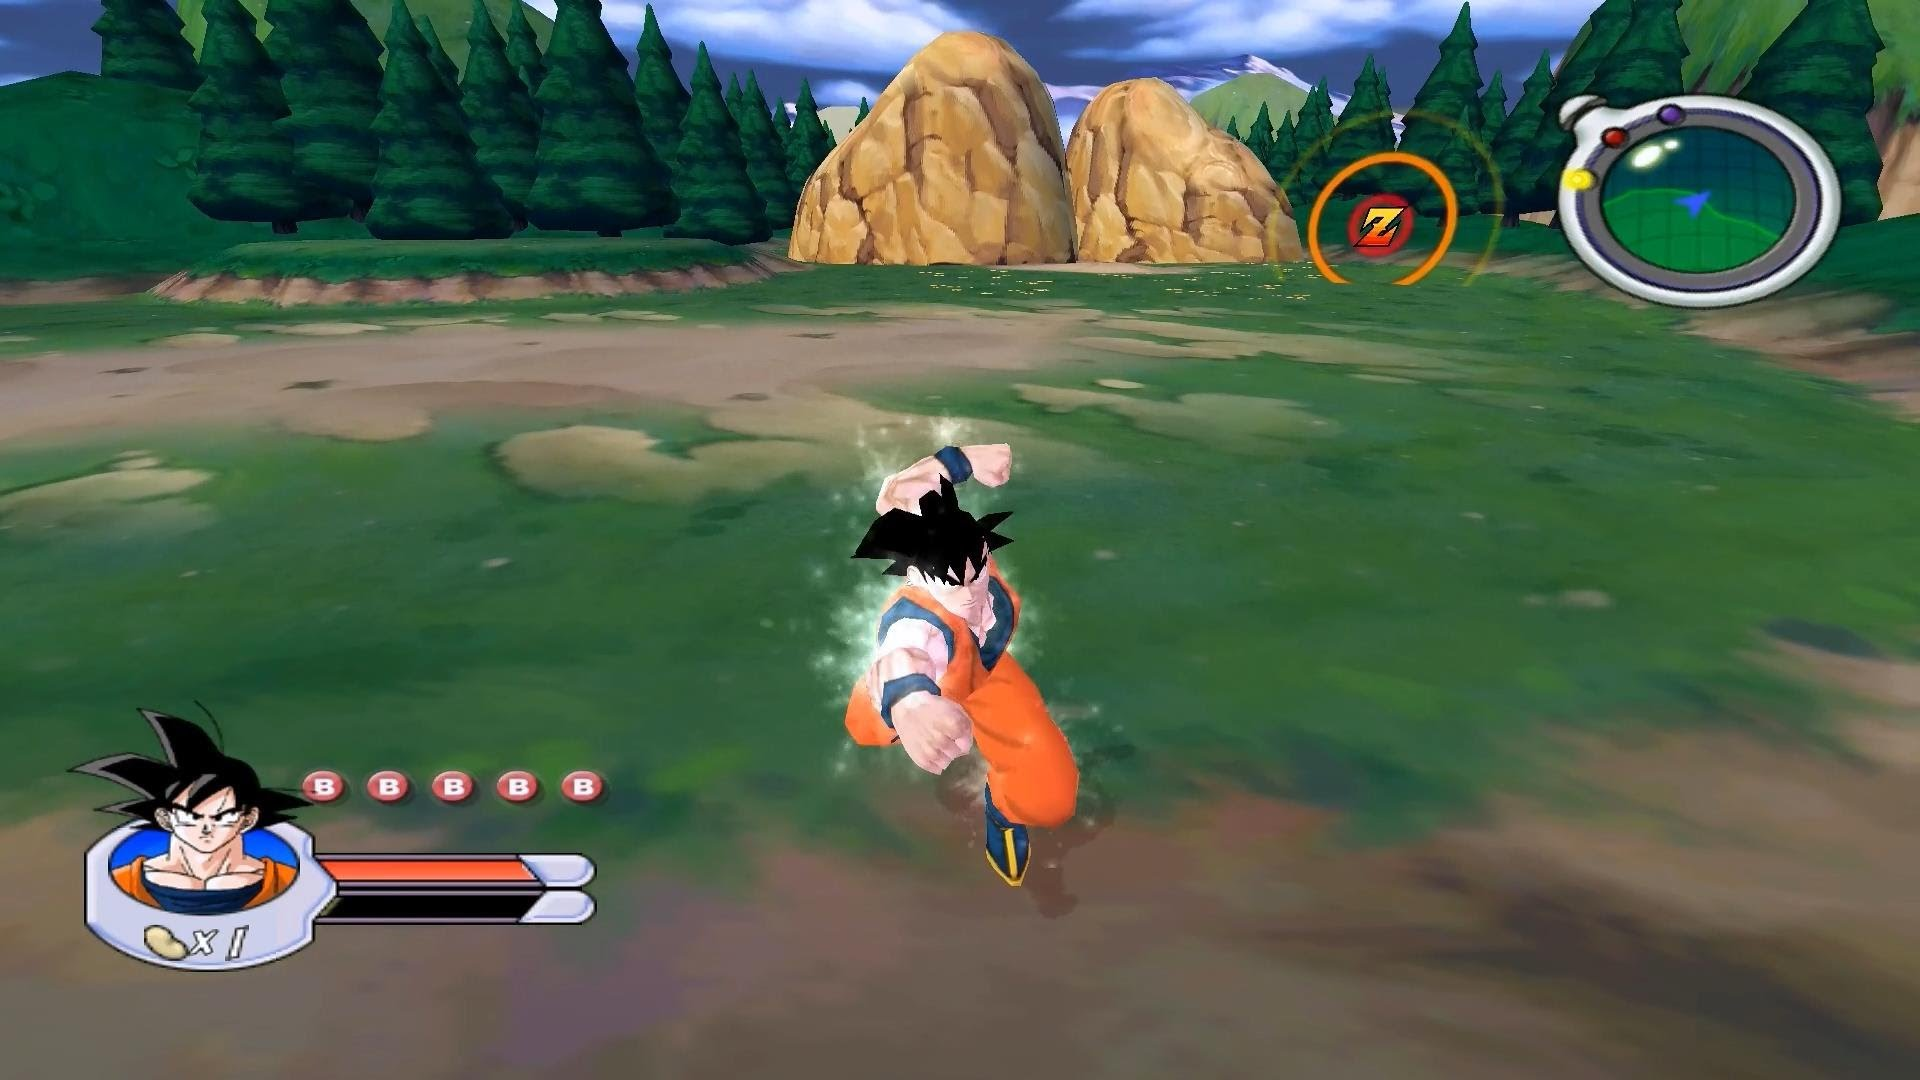 Dragon ball z sagas game full pc games free download.